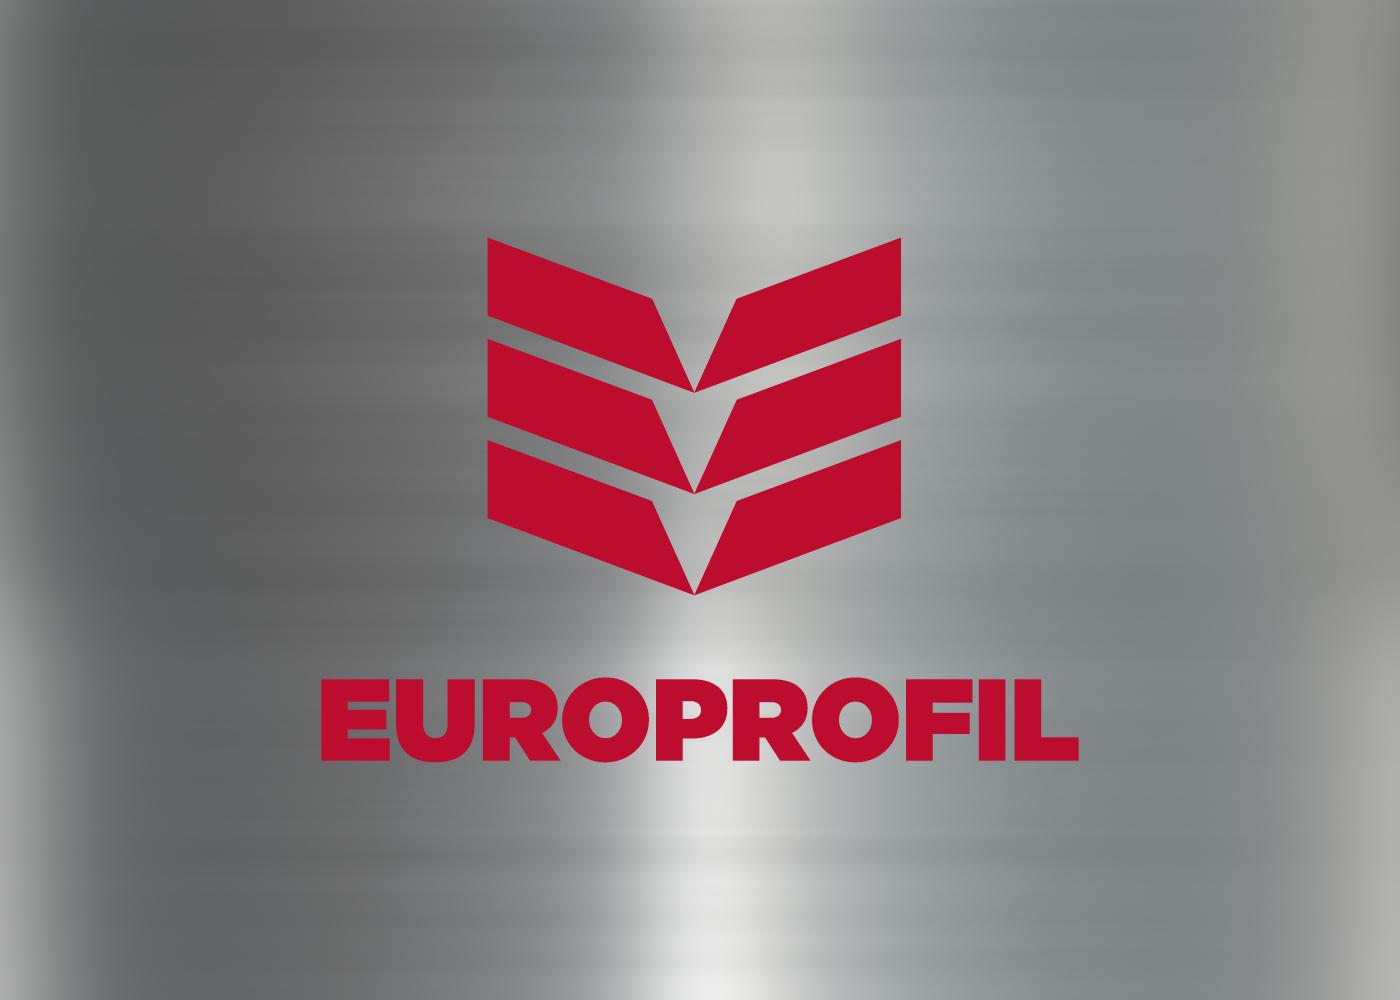 Corporate identity design  Europrofil & Co.